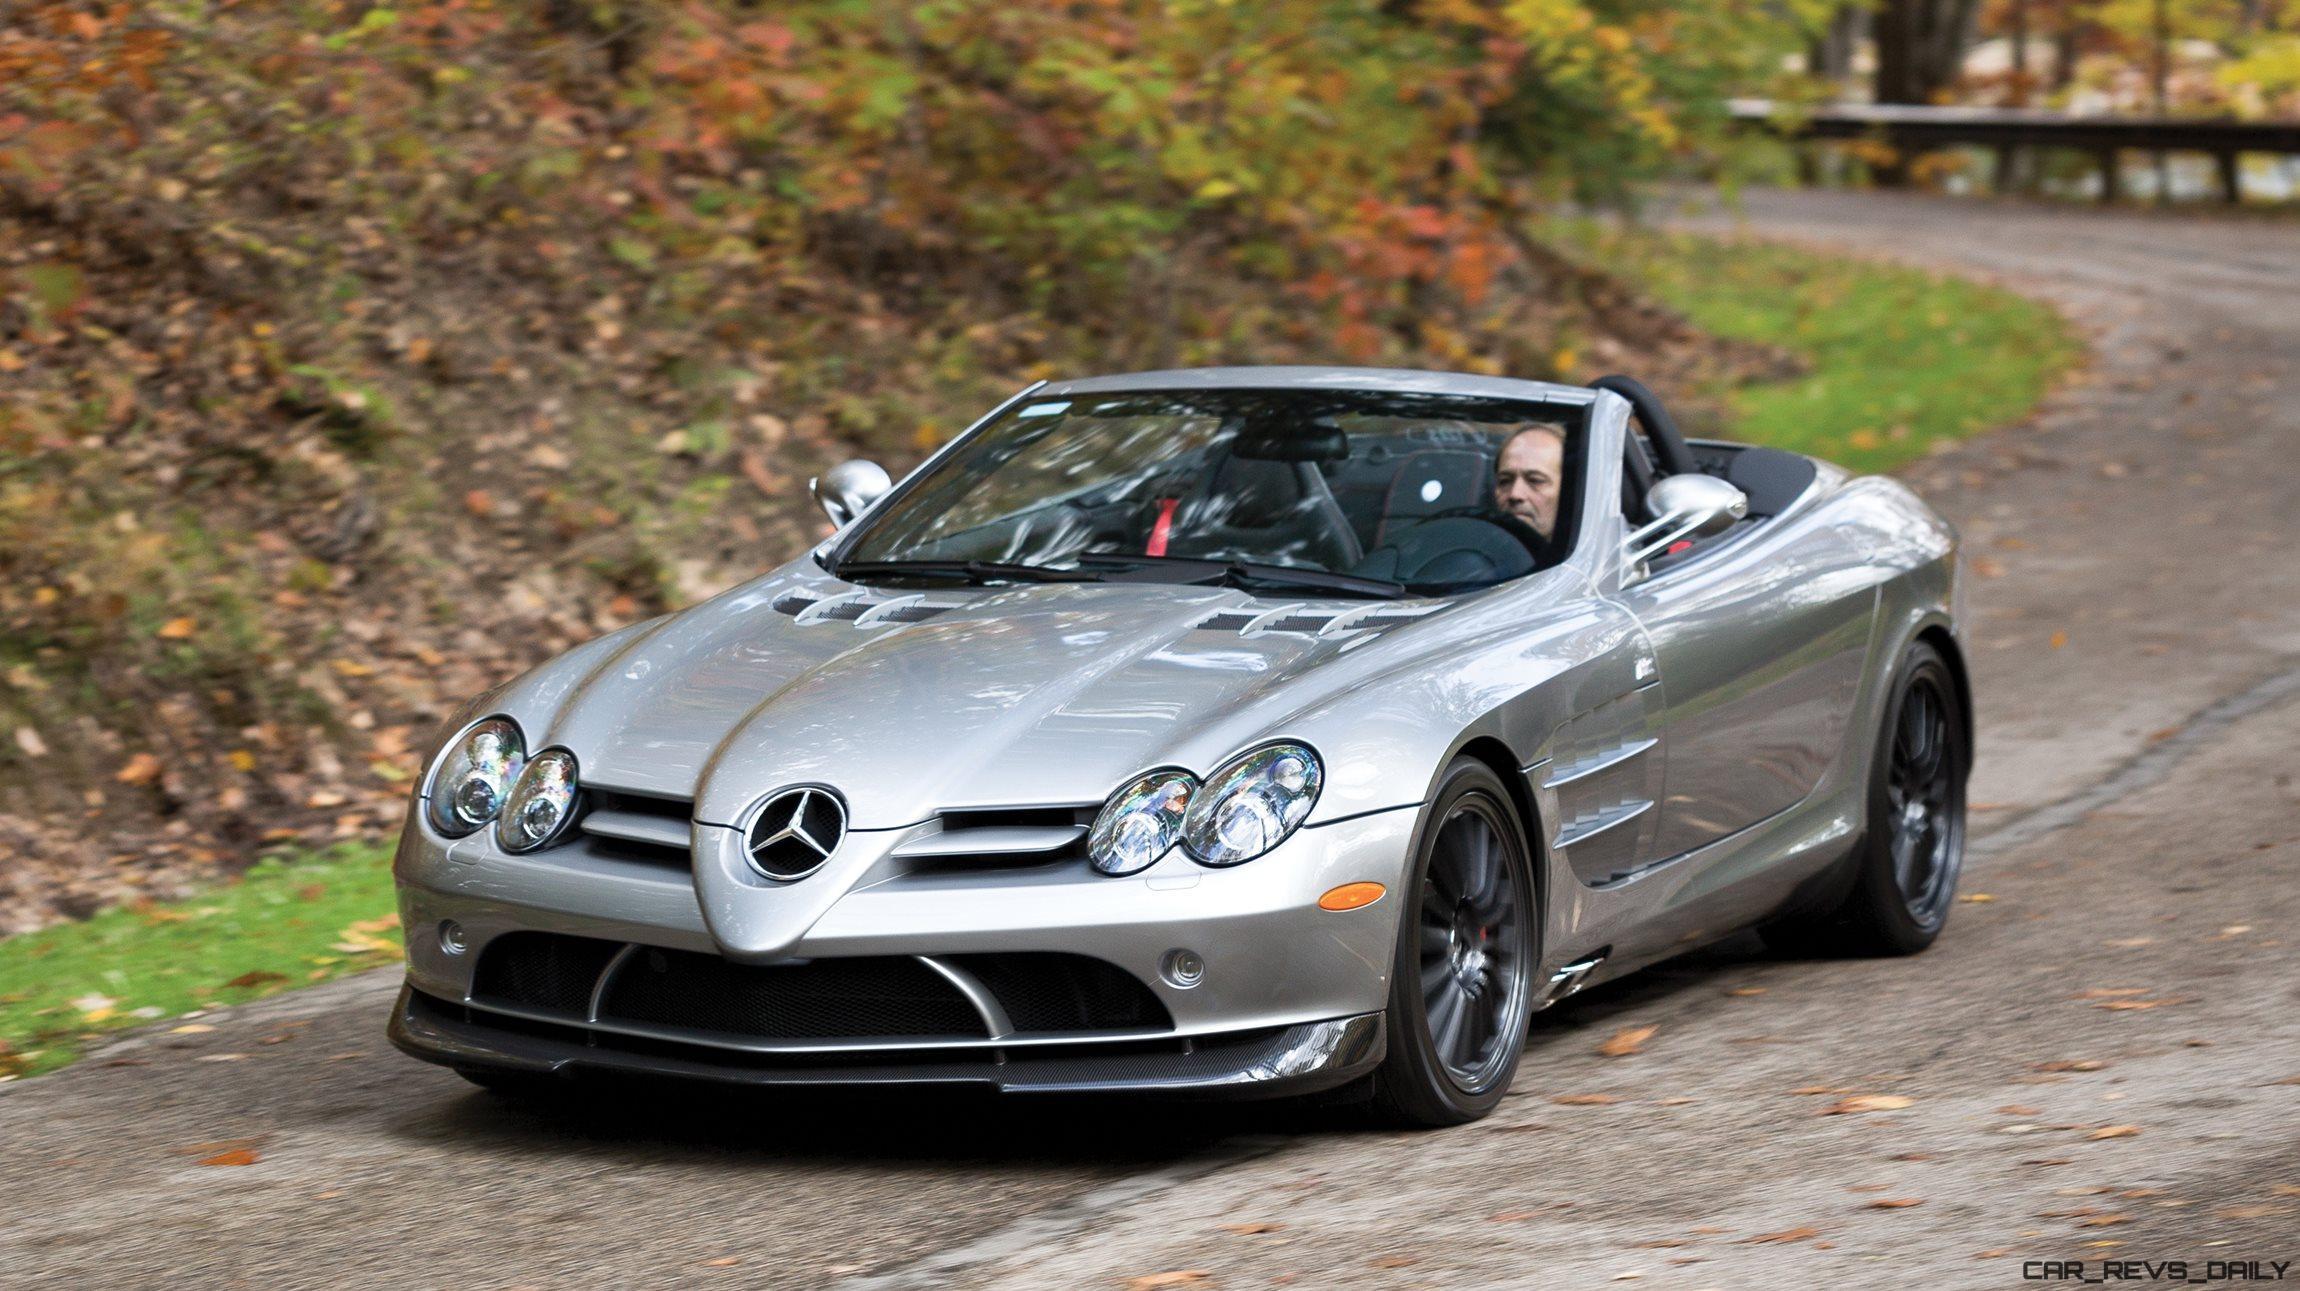 Attractive Car Revs Daily.com